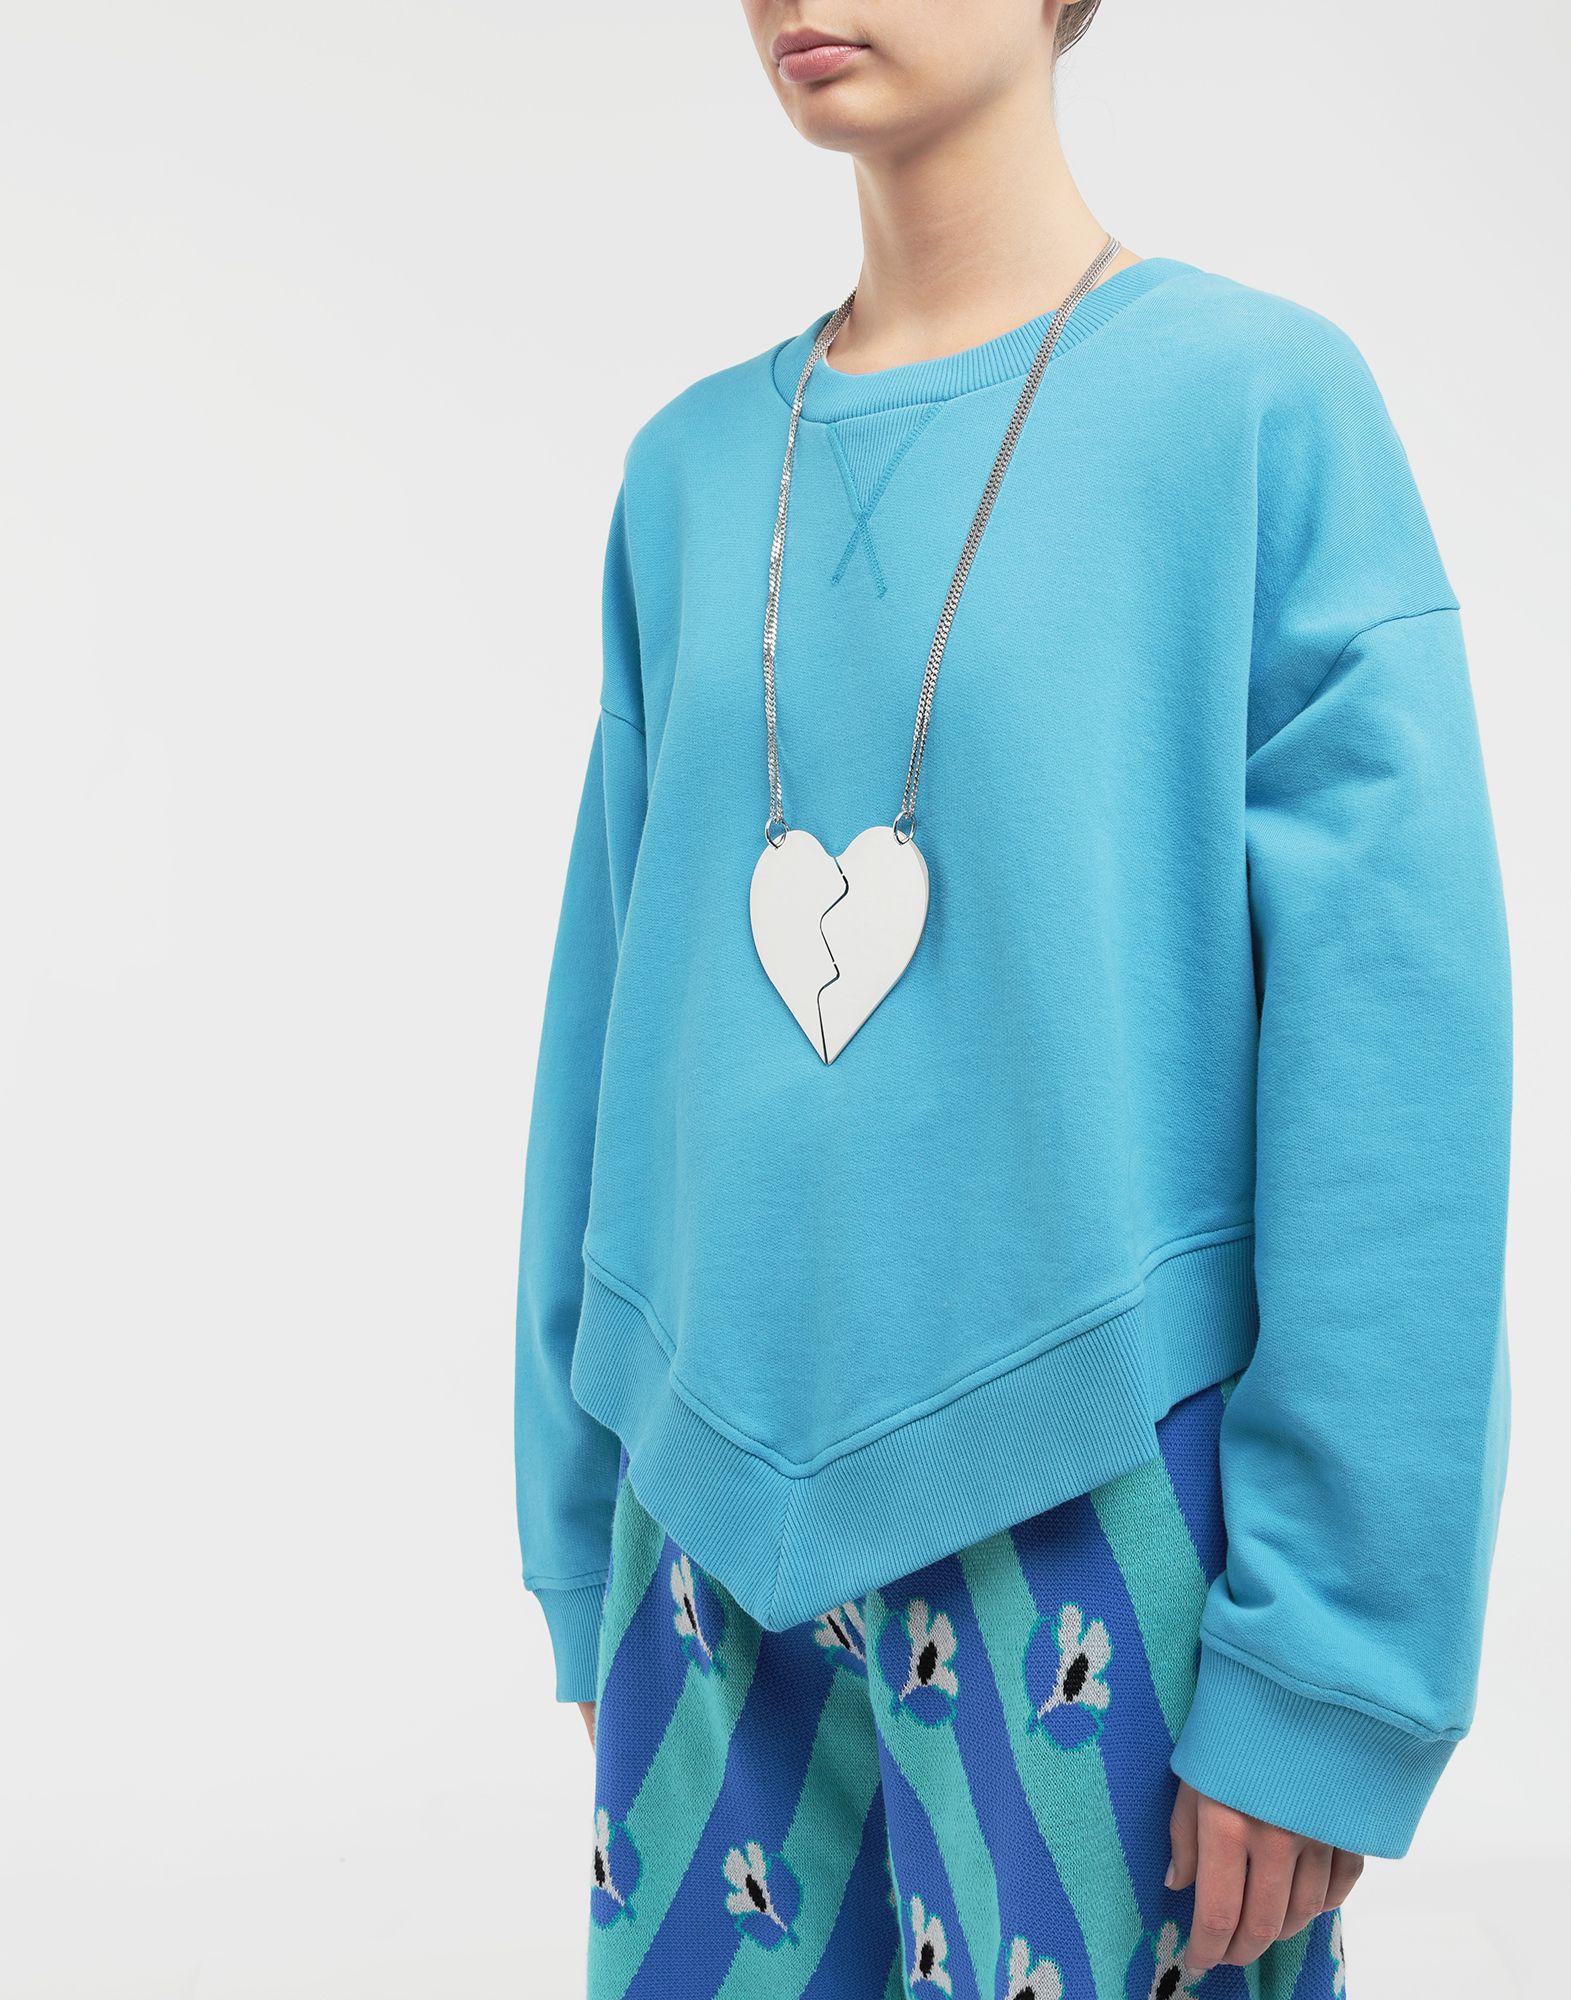 MM6 MAISON MARGIELA Friendship Heart necklaces Necklace Woman e